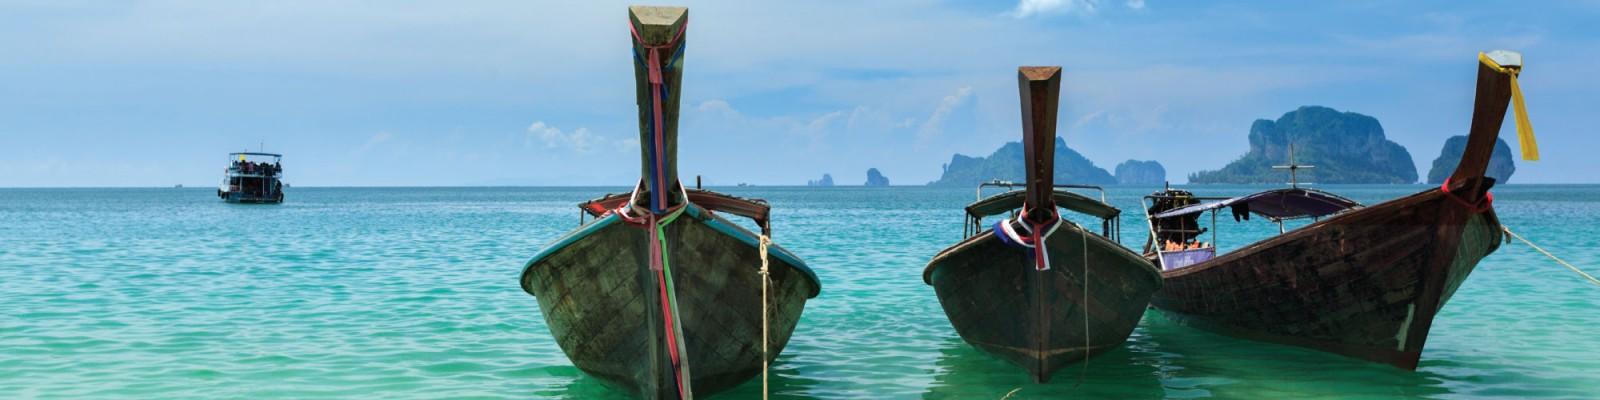 Tenrag Yacht Charter: Thailand